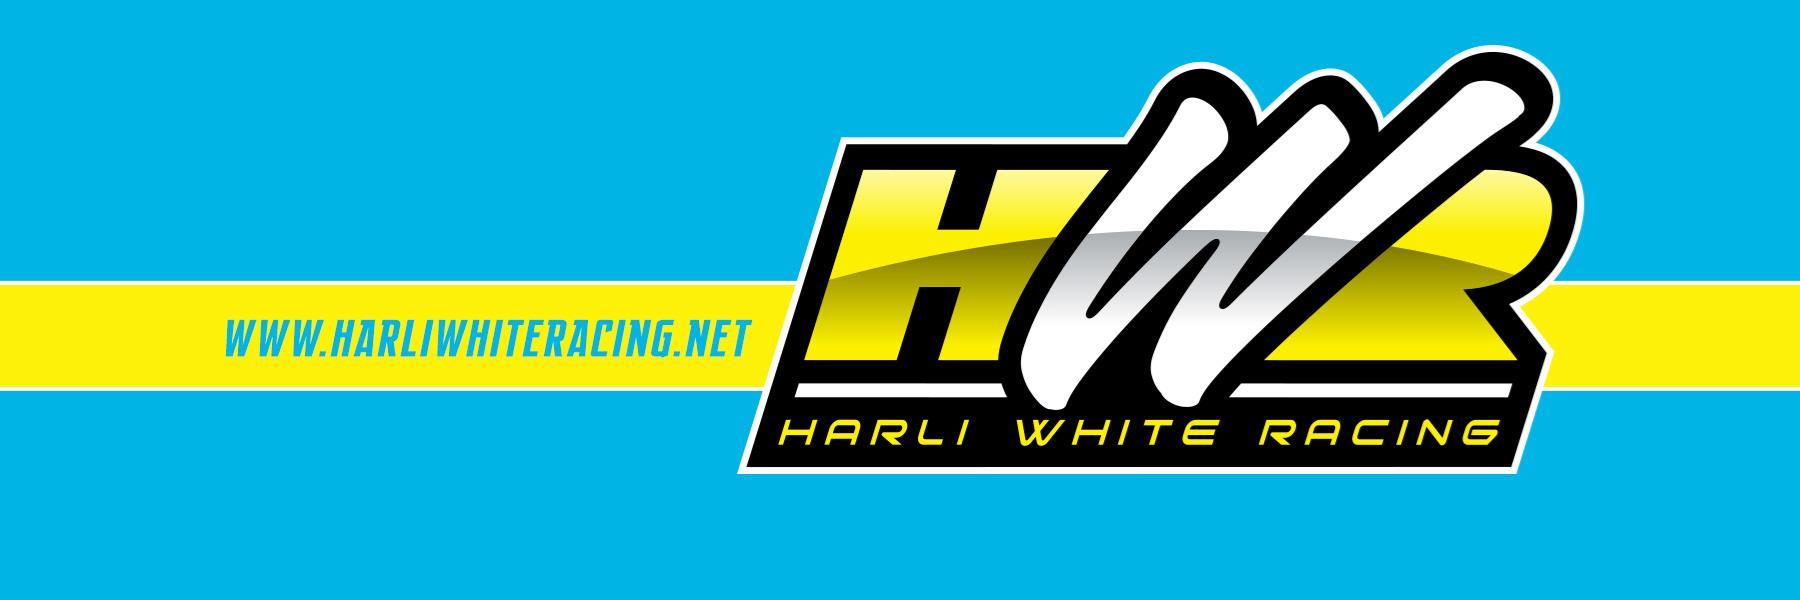 Harli White